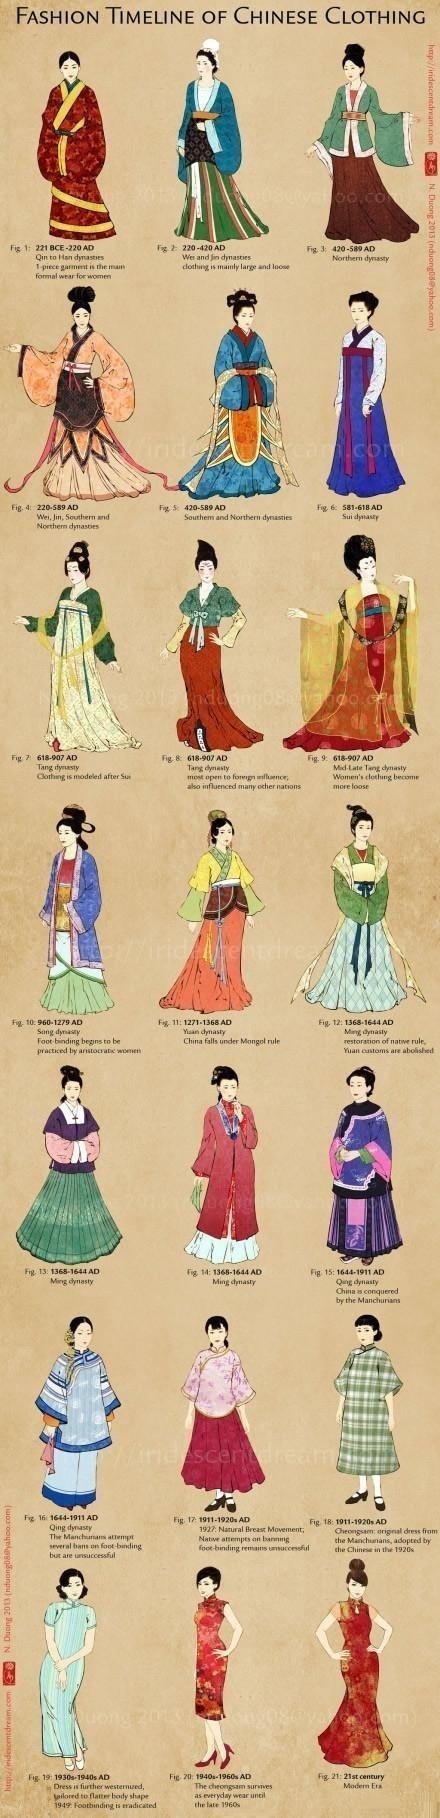 中国服装的演变,从汉朝的汉服到时兴至今的旗袍